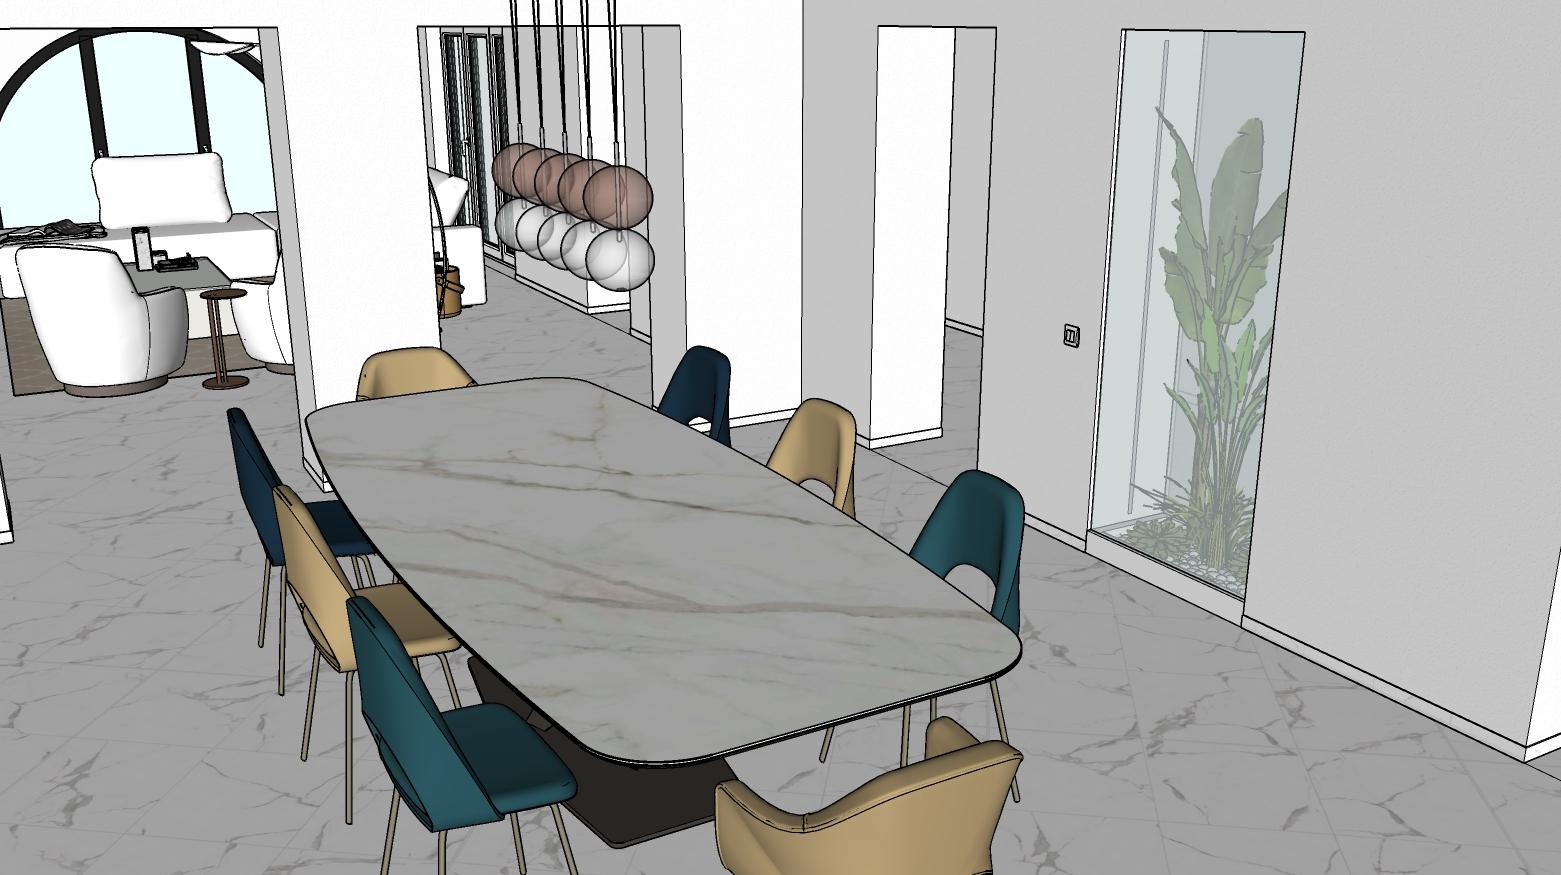 Sala da pranzo con tavolo e sedie di colore diverso